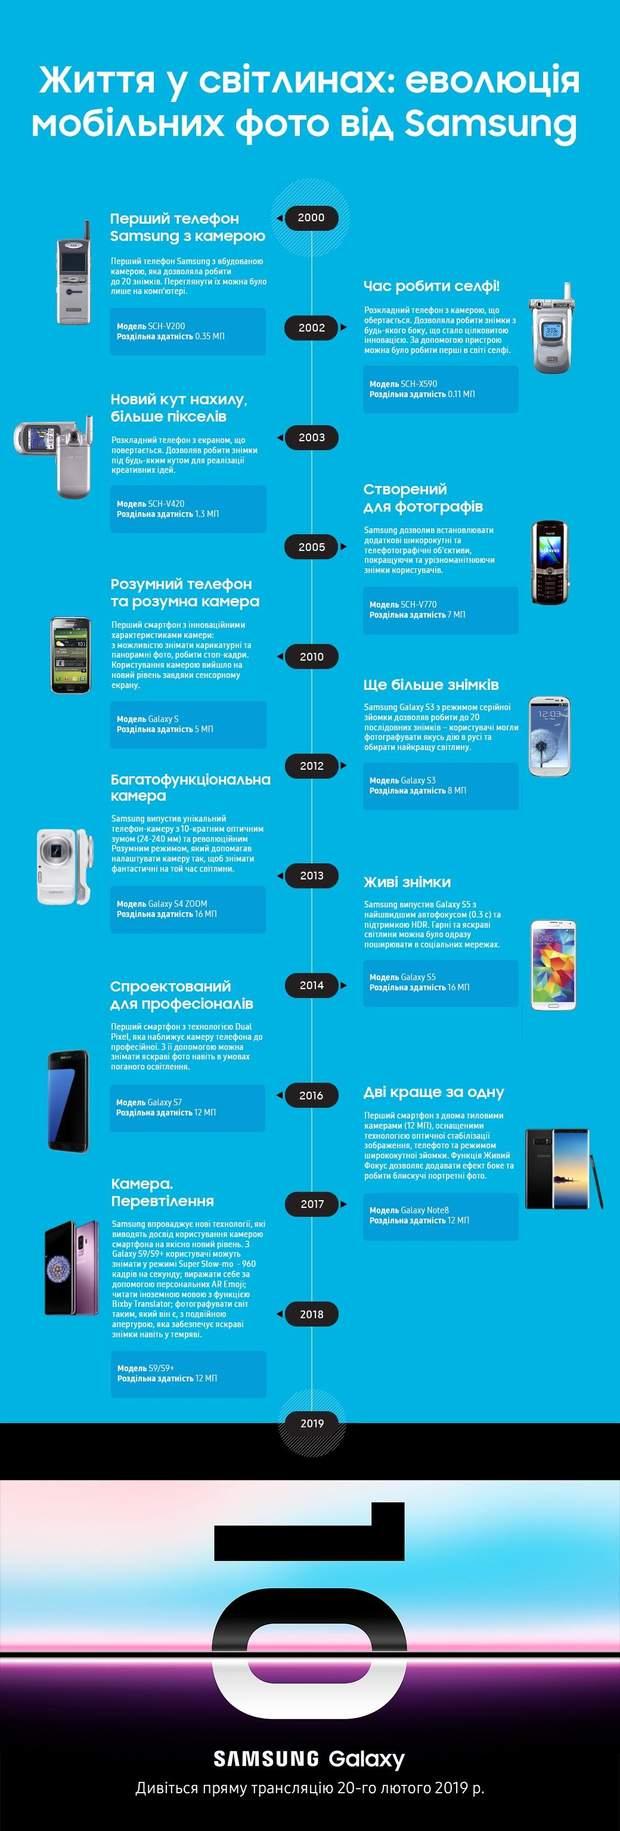 Як змінювались камери на телефонах Samsung